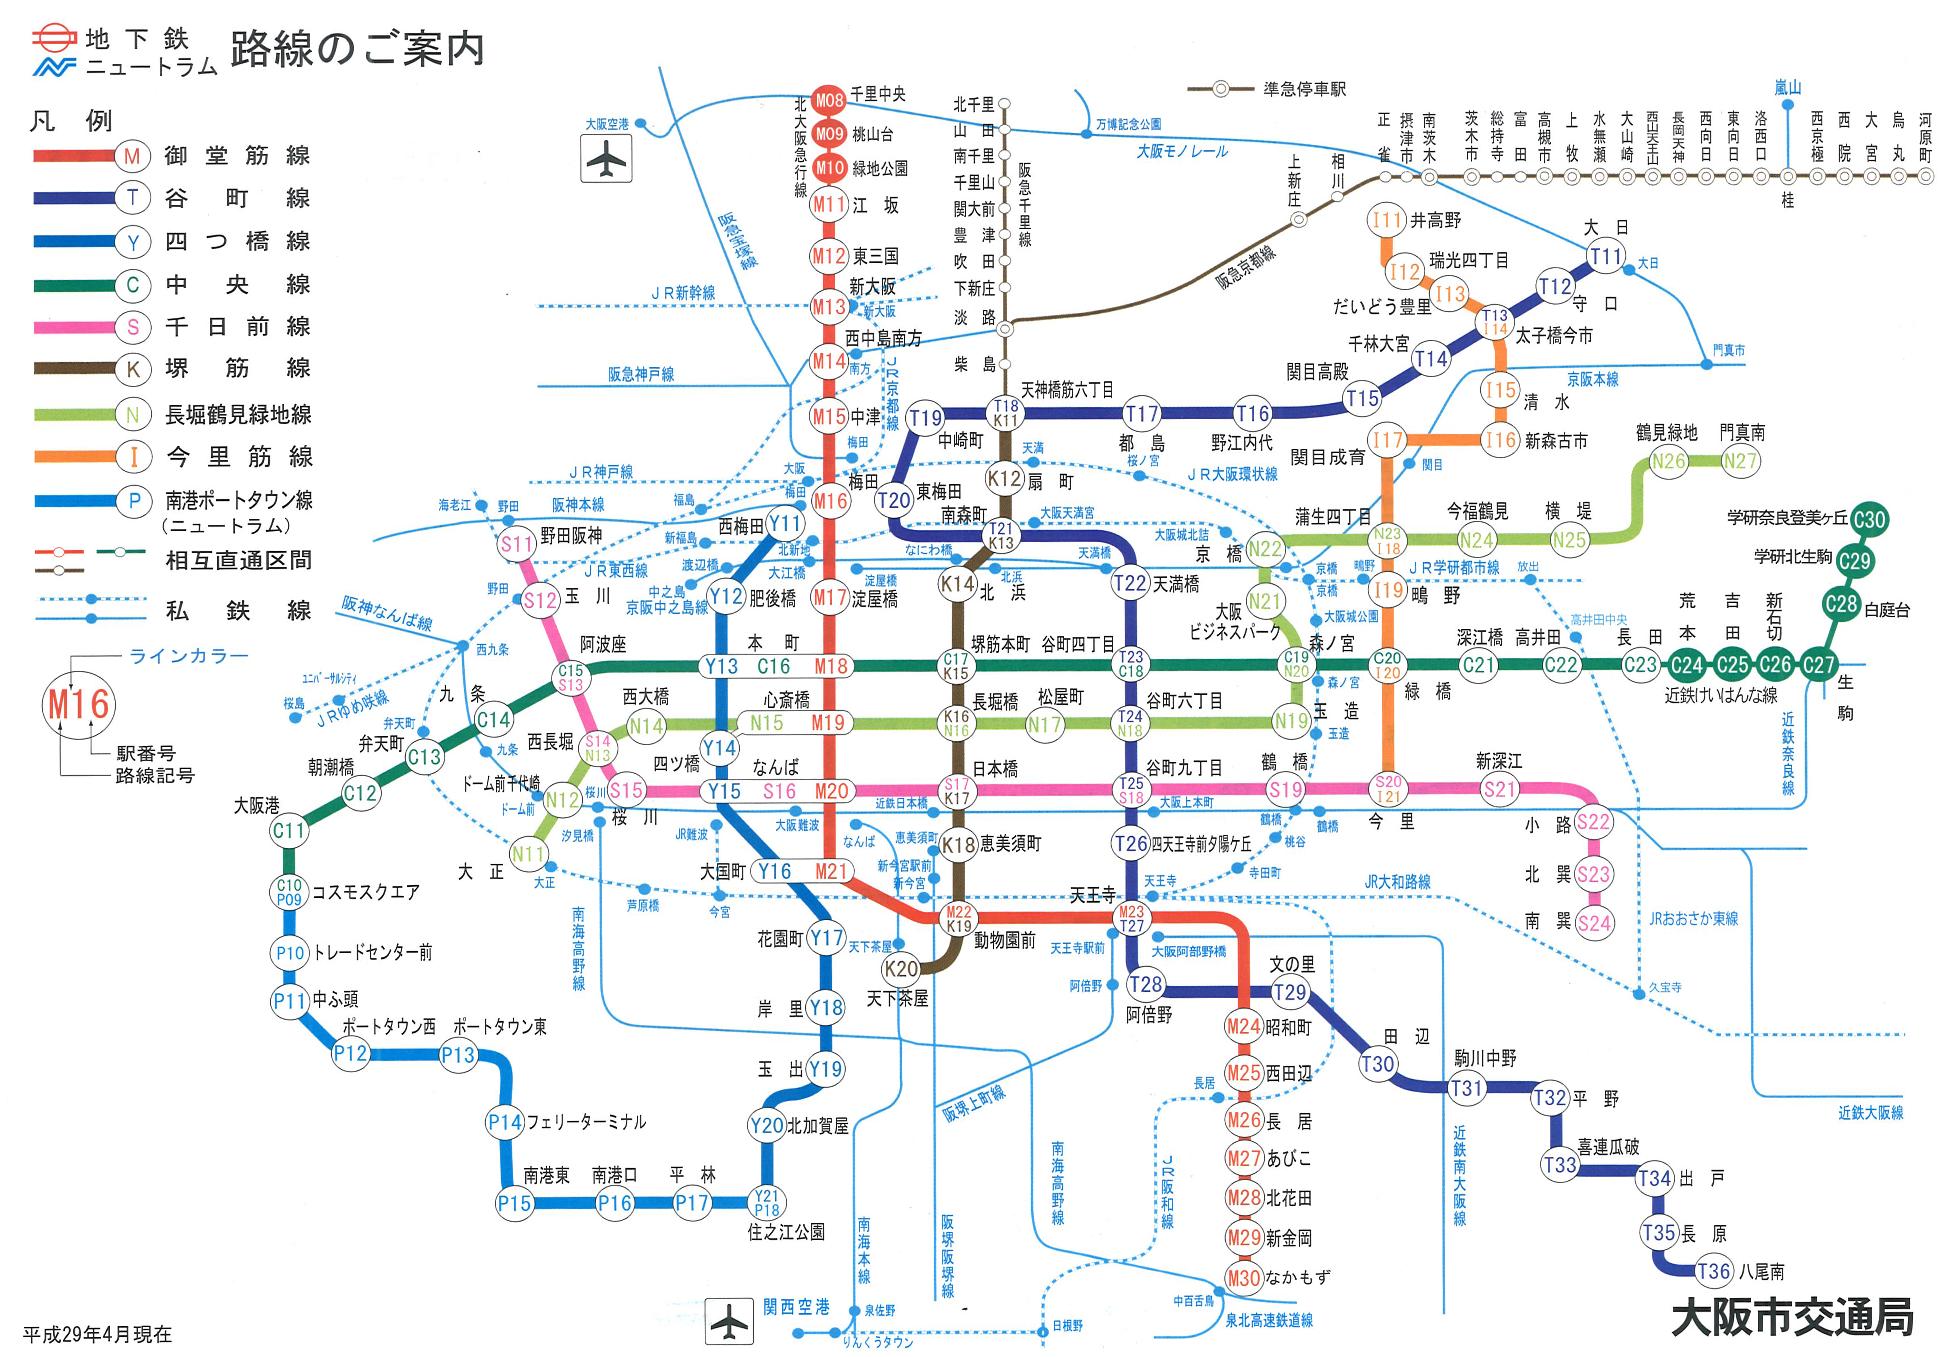 大阪 メトロ 地下鉄路線図